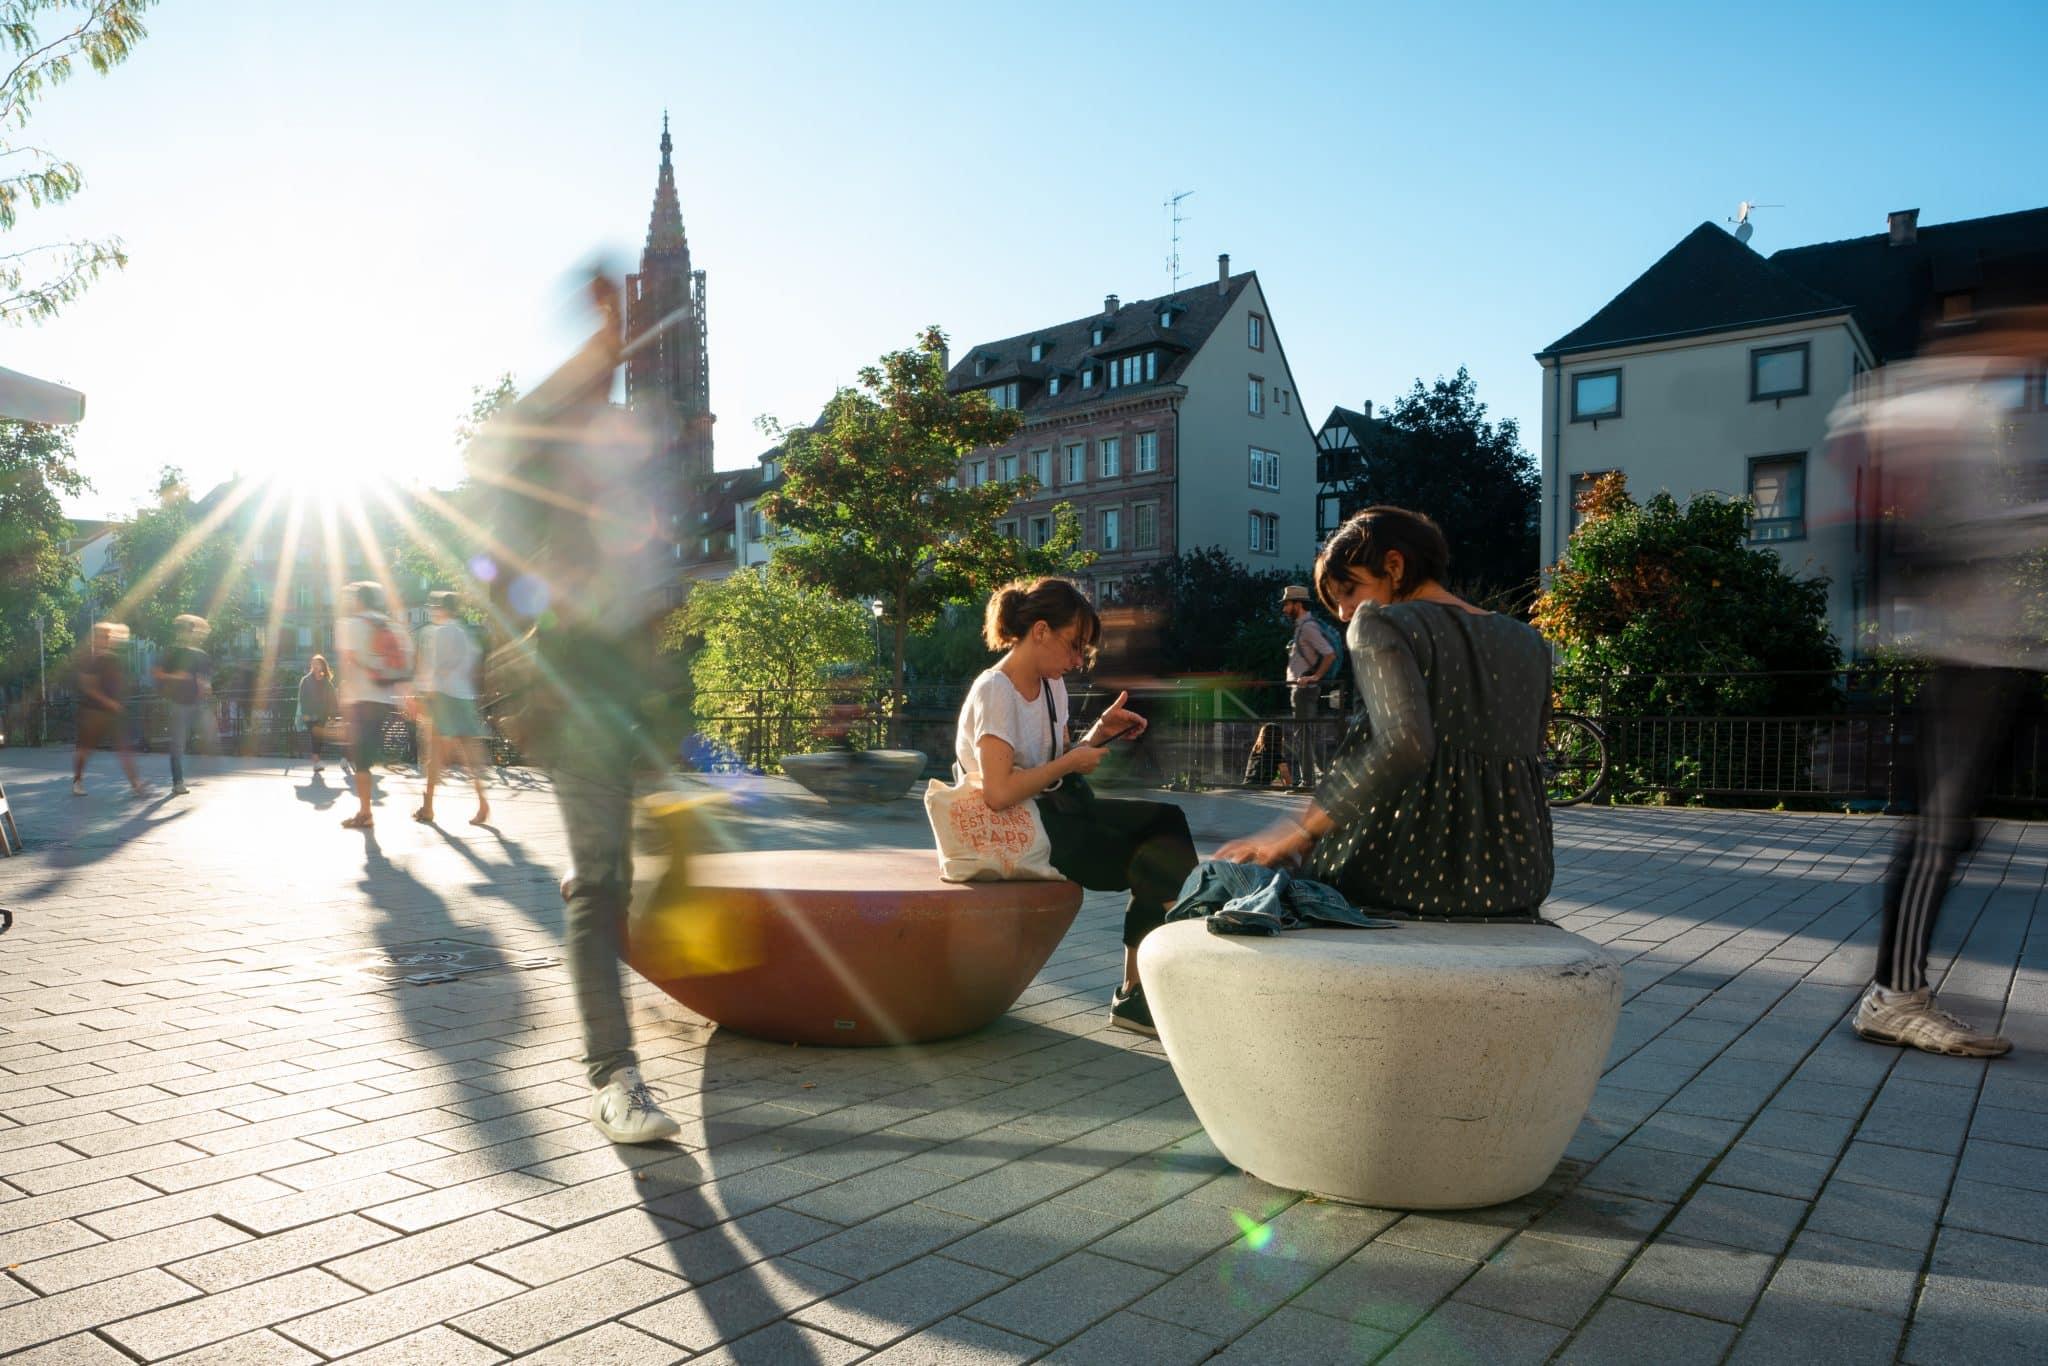 Banc sur les quais le long de l'ill à Strasbourg en Alsace - Michael Bouton - Photographe Architecture